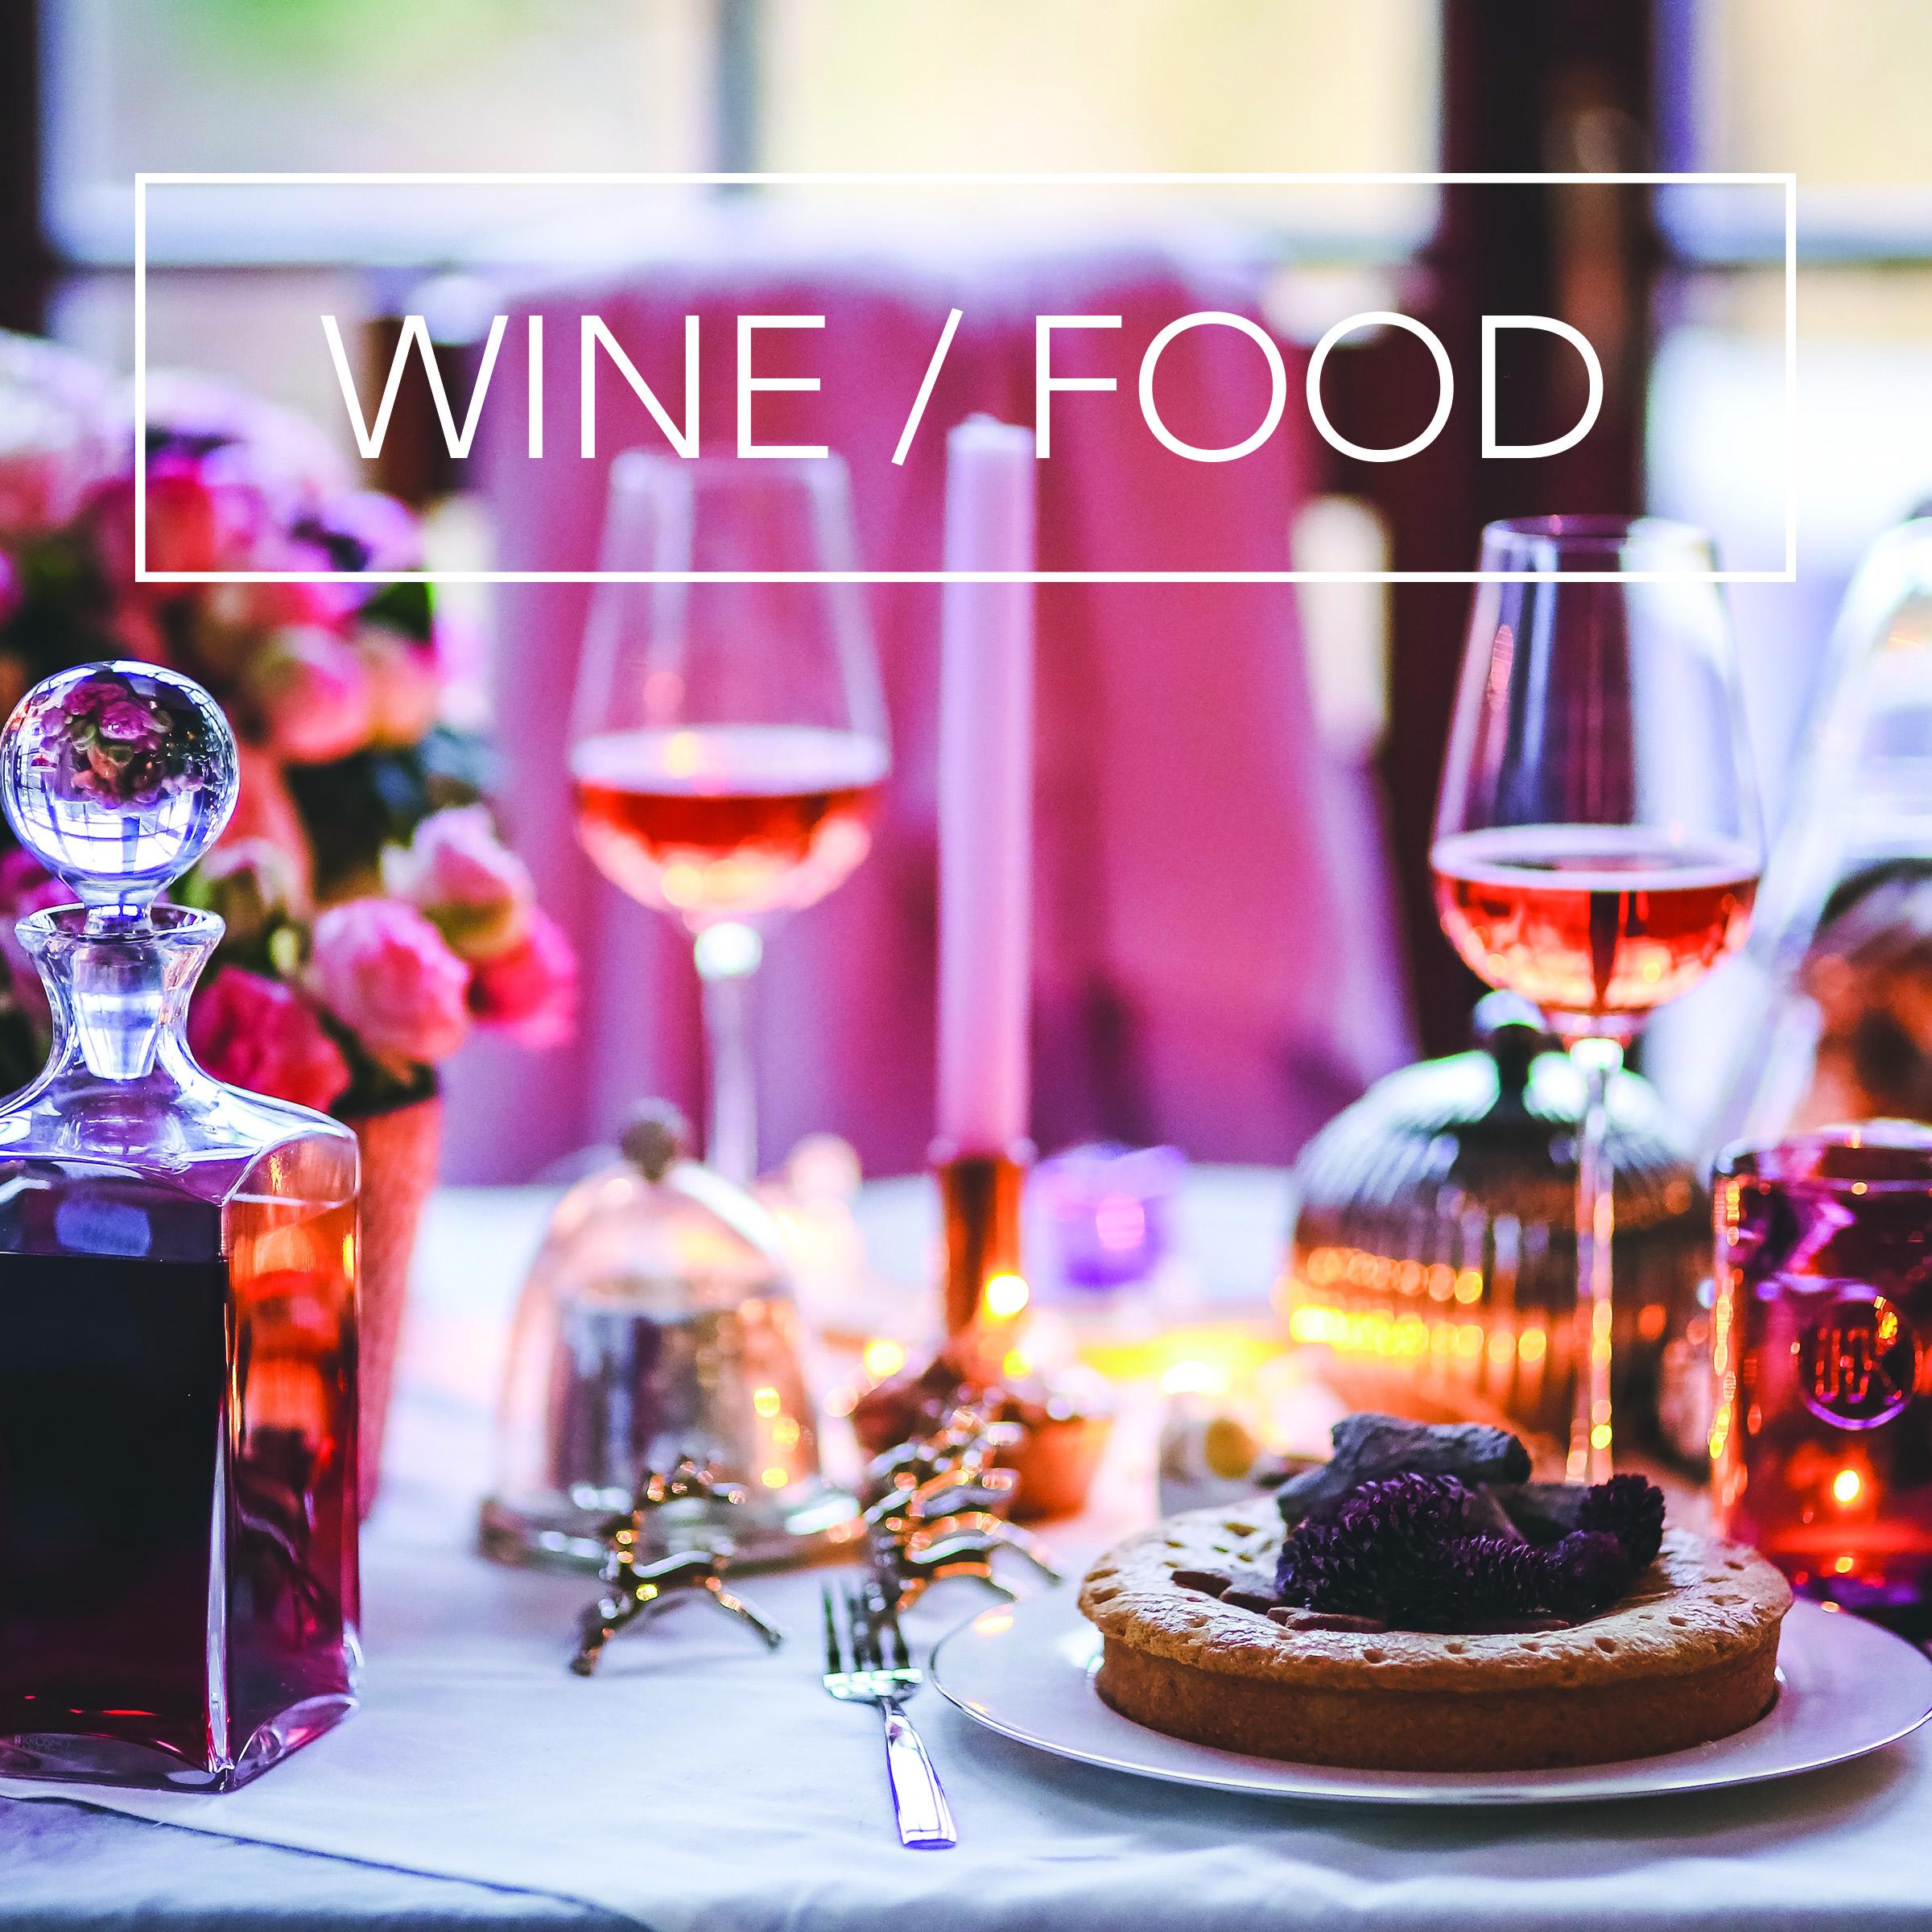 winefood.jpg